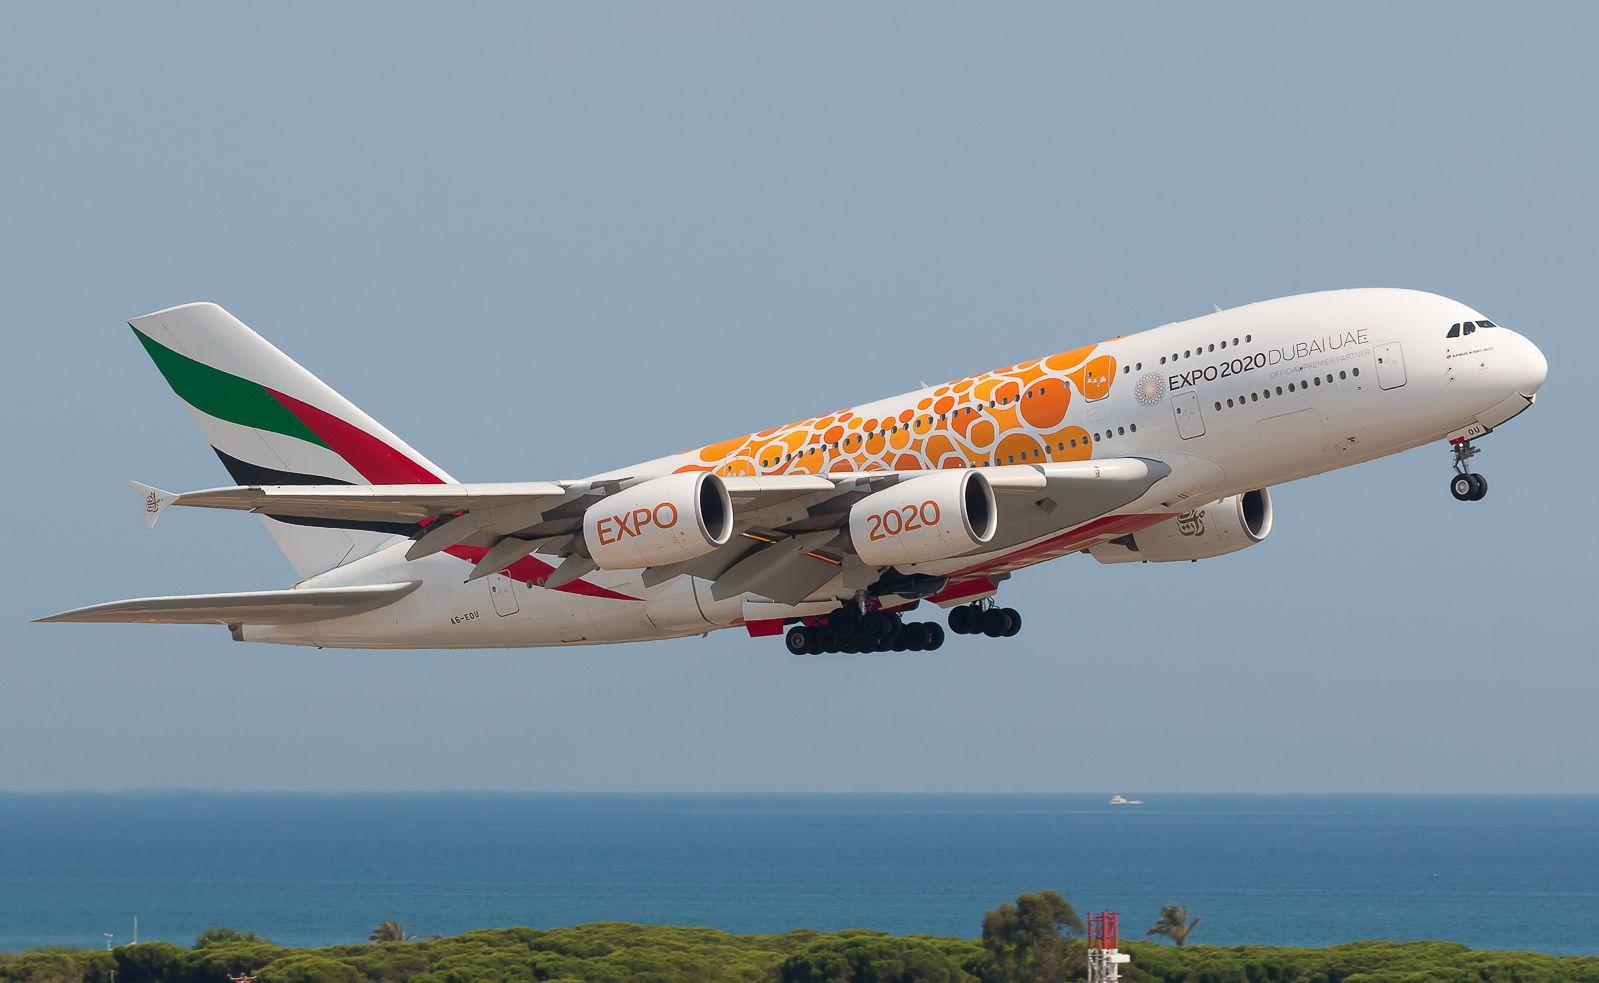 Emirates Airbus A380 861 Expo 2020 Dubai Orange Livery Emirates Airbus Expo 2020 Expo